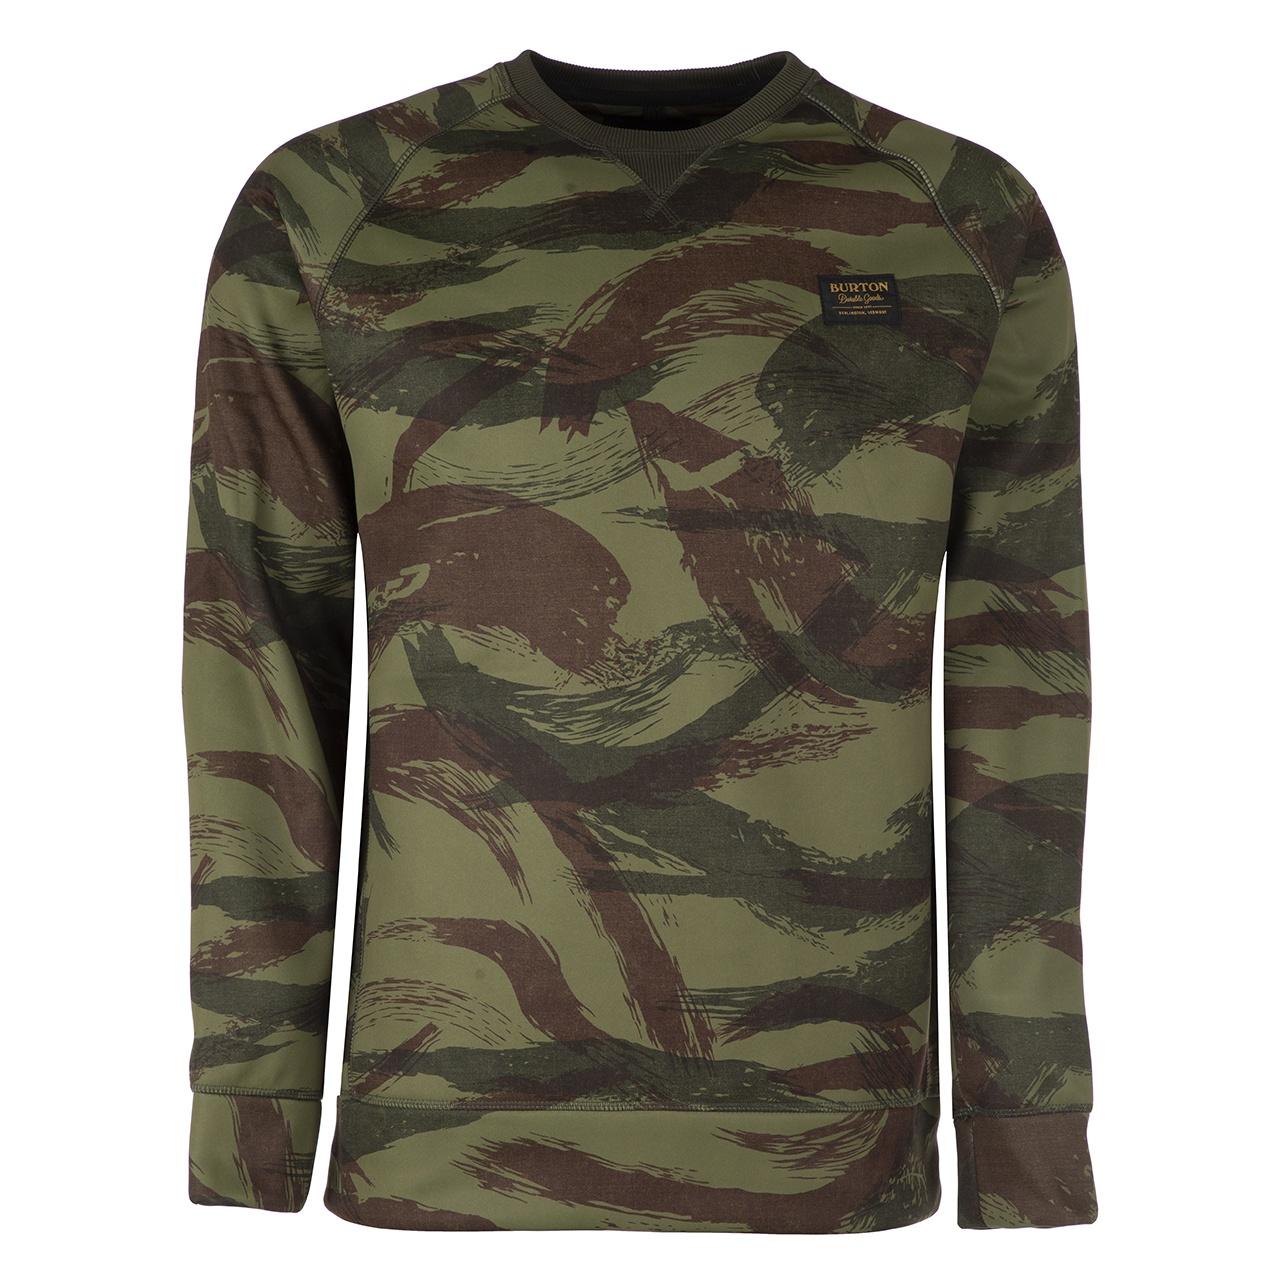 سویتشرت مردانه برتون کد 16465103300